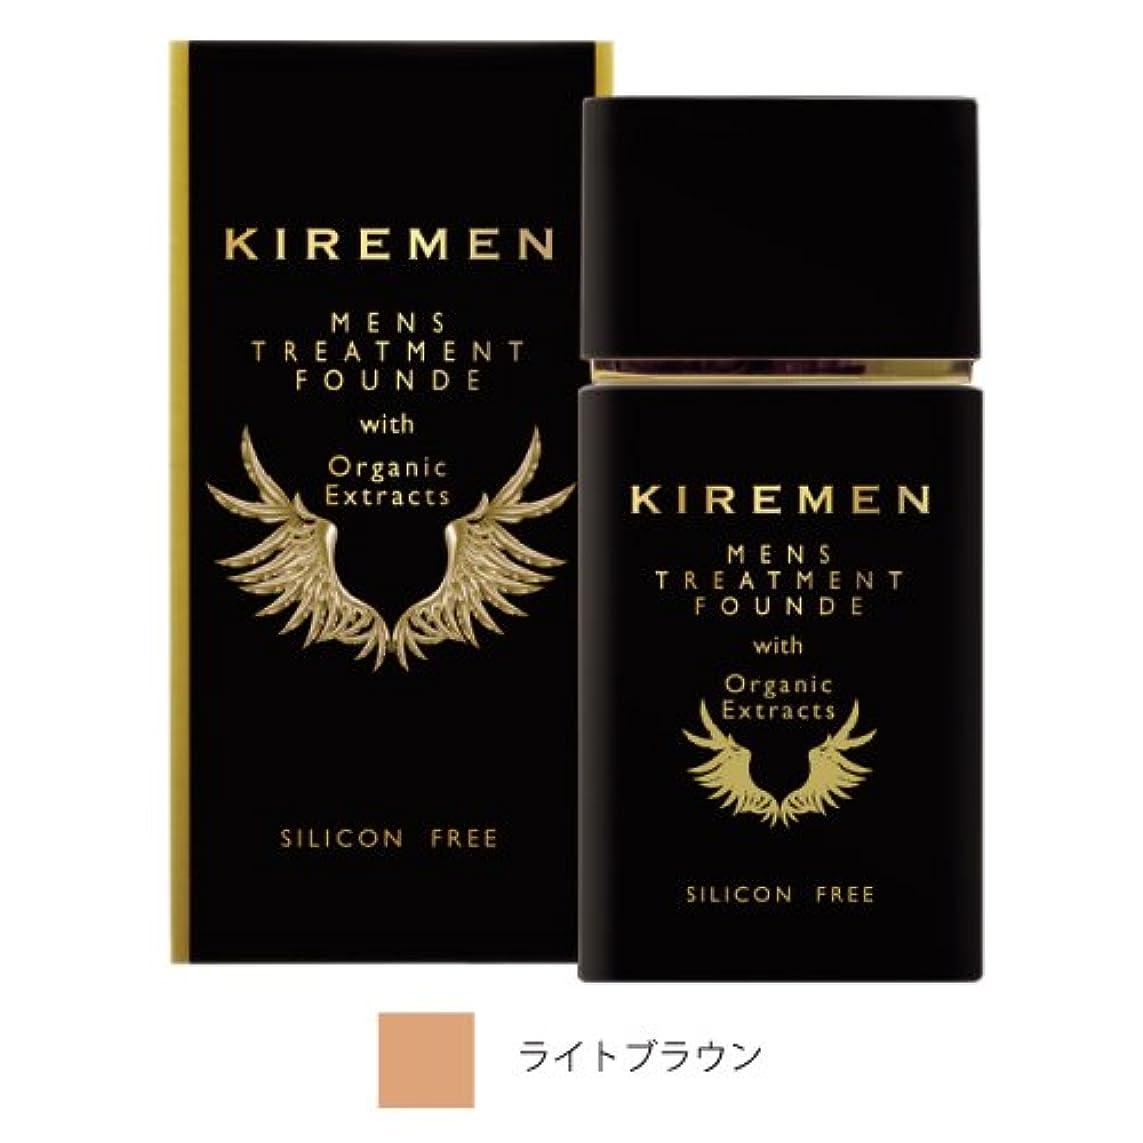 推定第五いろいろキレメン KIREMEN メンズファンデーション (ライトブラウン)